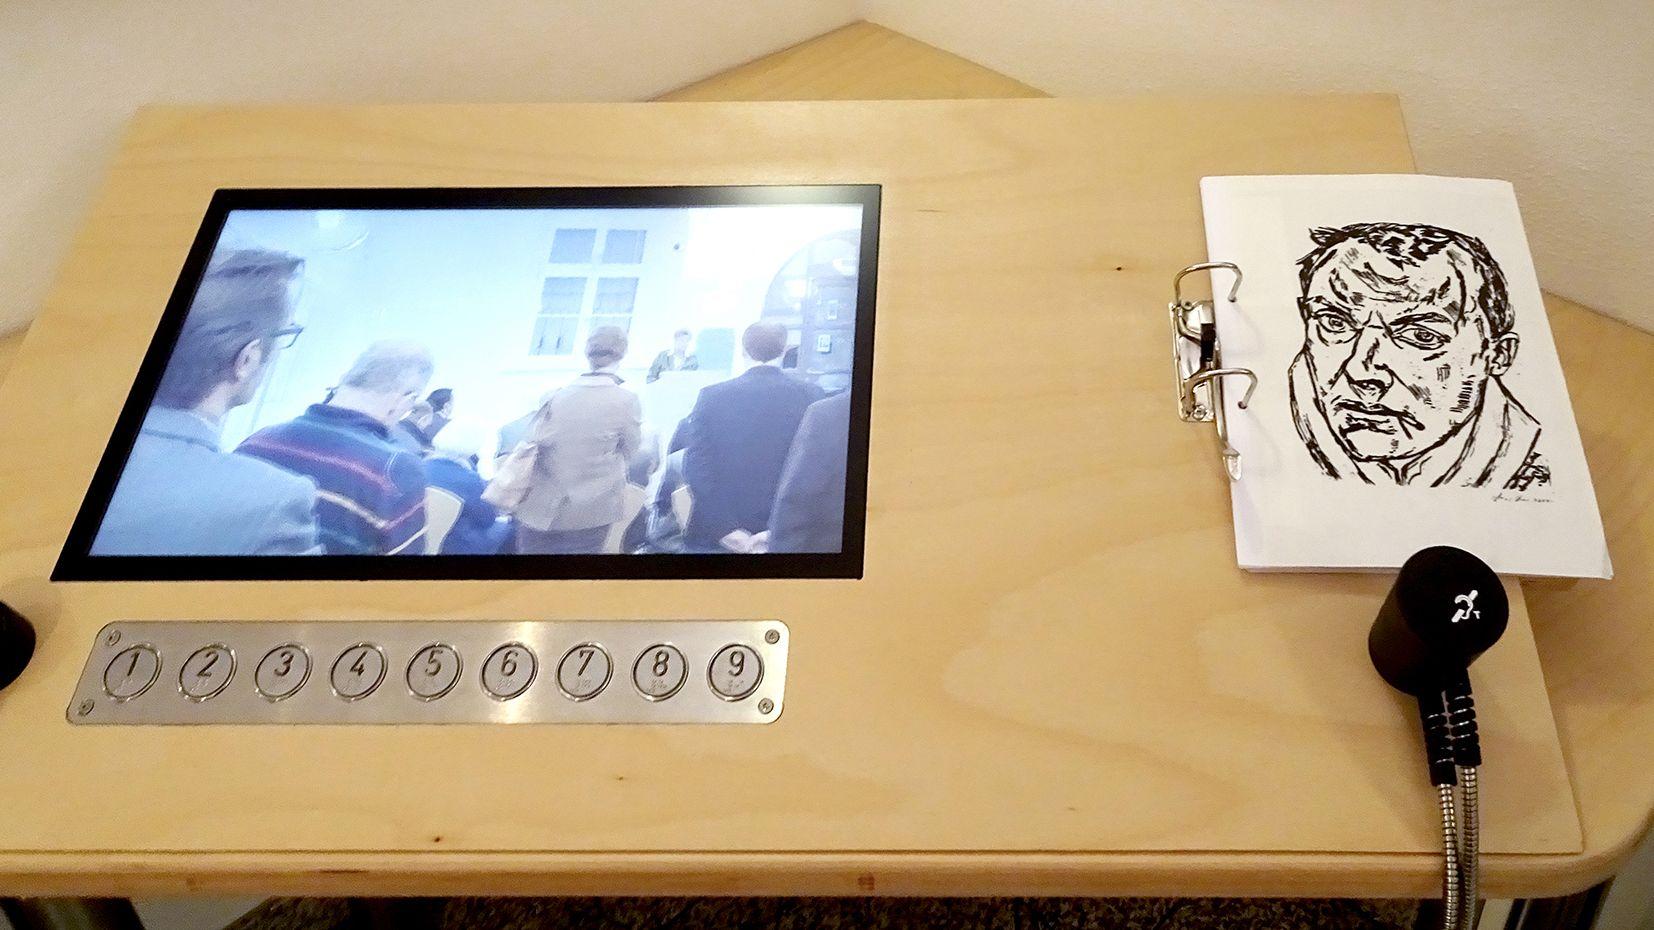 Inklusive Info-Station im Kunstmuseum Bayreuth: Bildschirm, Steuertasten und ein Ordner mit Bilder-Tast-Modellen für Sehbehinderte